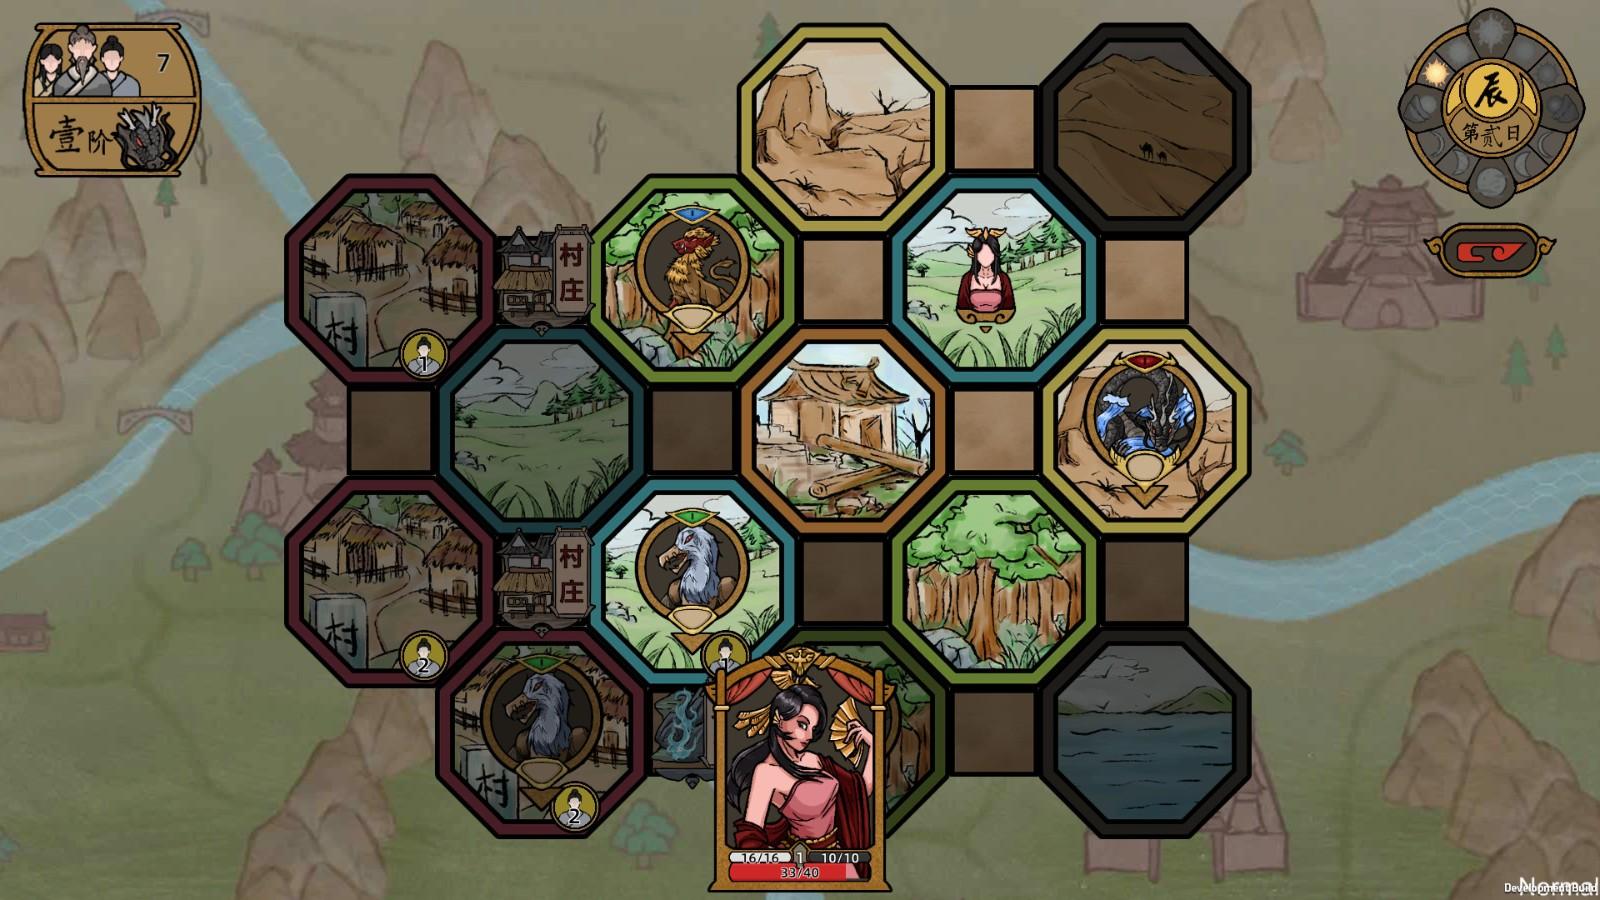 修仙沙盒游戏《山河伏妖录》上架Steam 今夏发售